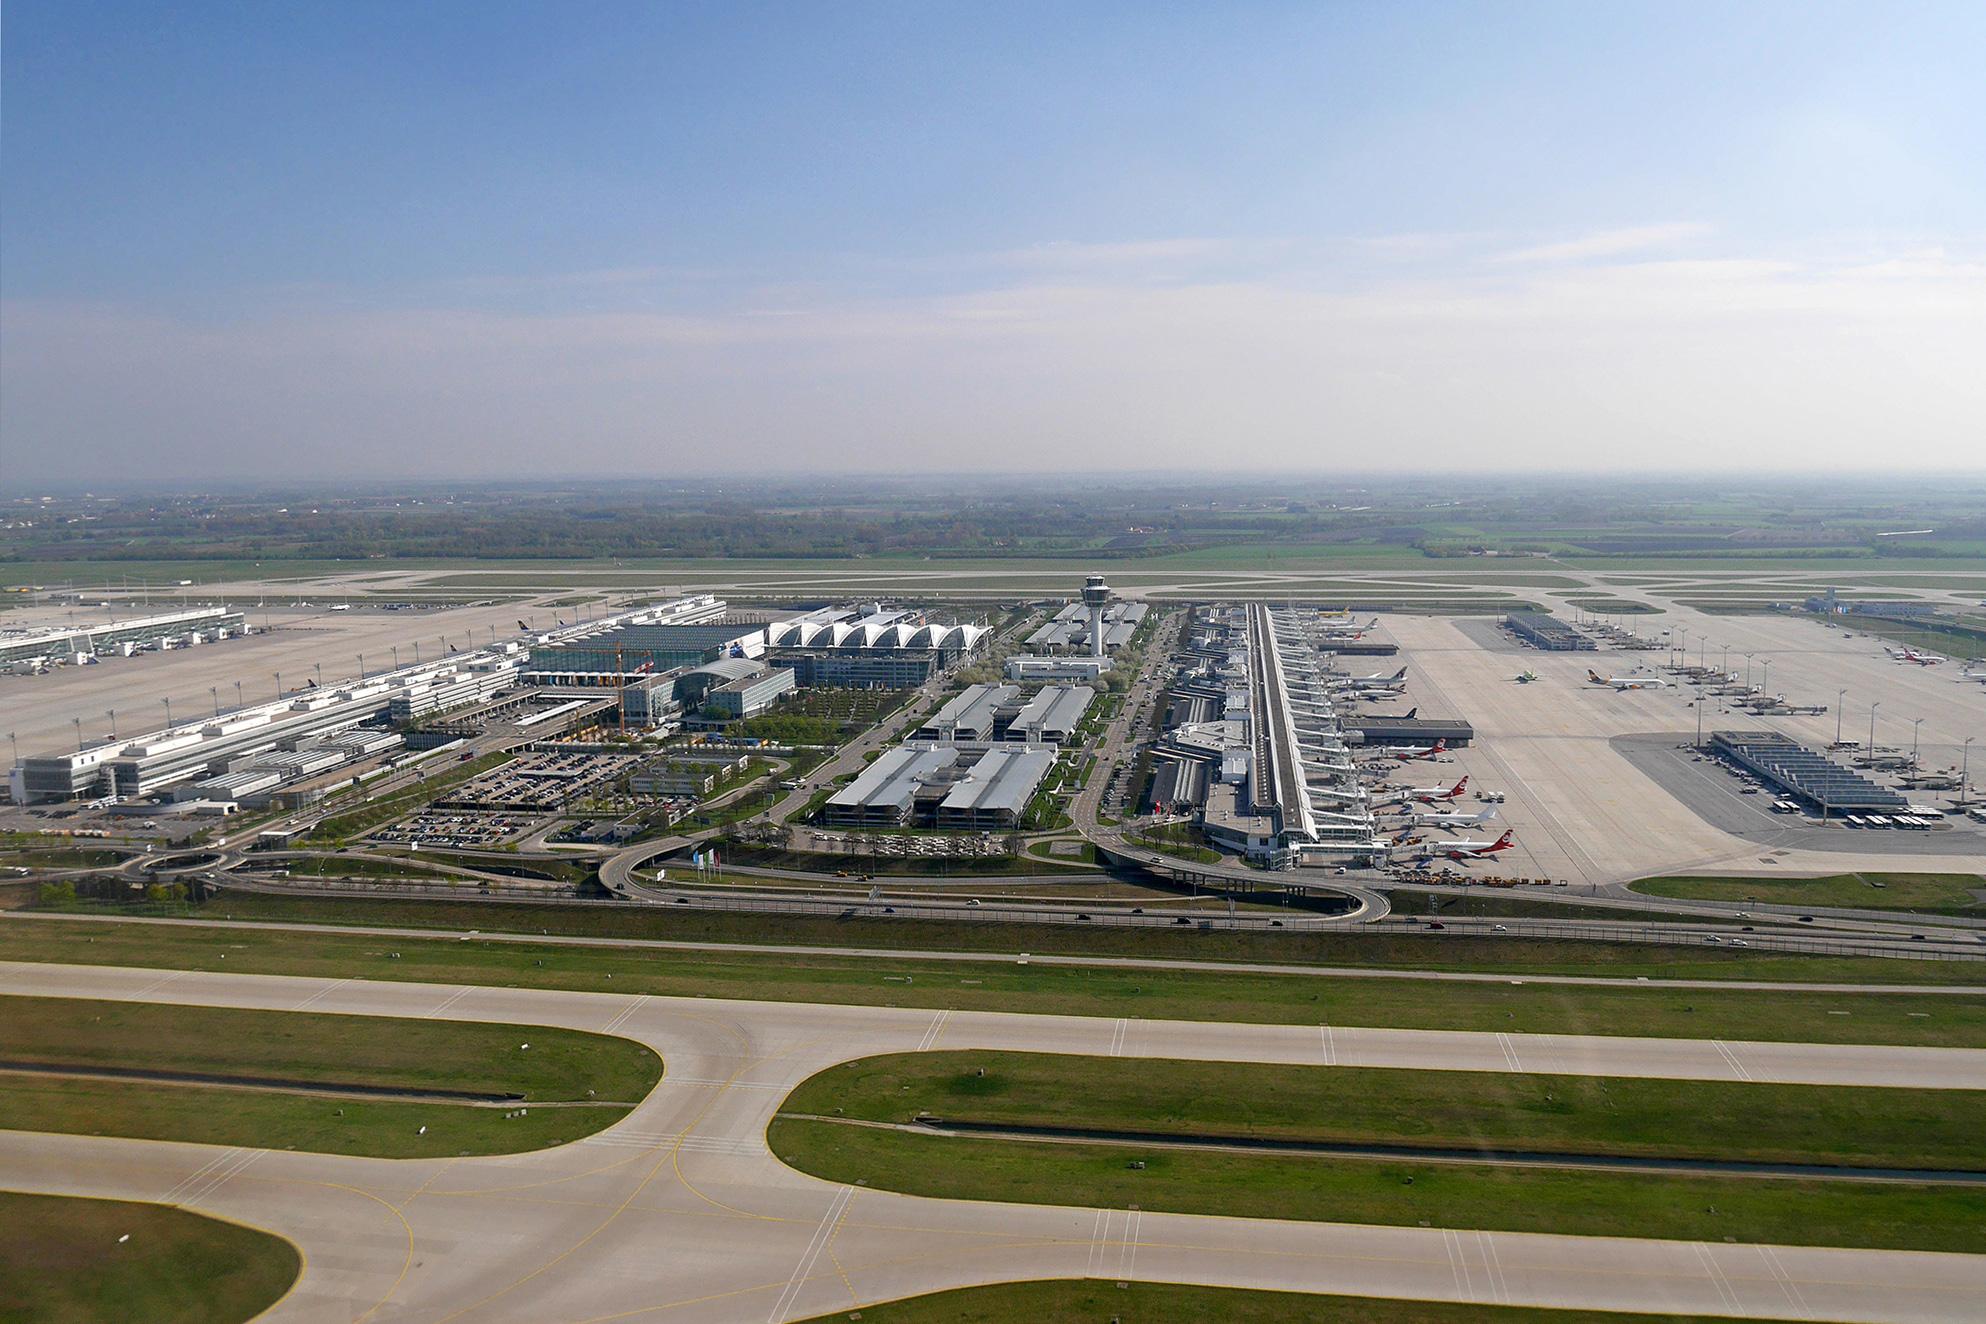 Munich_Airport_Aerial_View_T1_T2_MAC.jpg